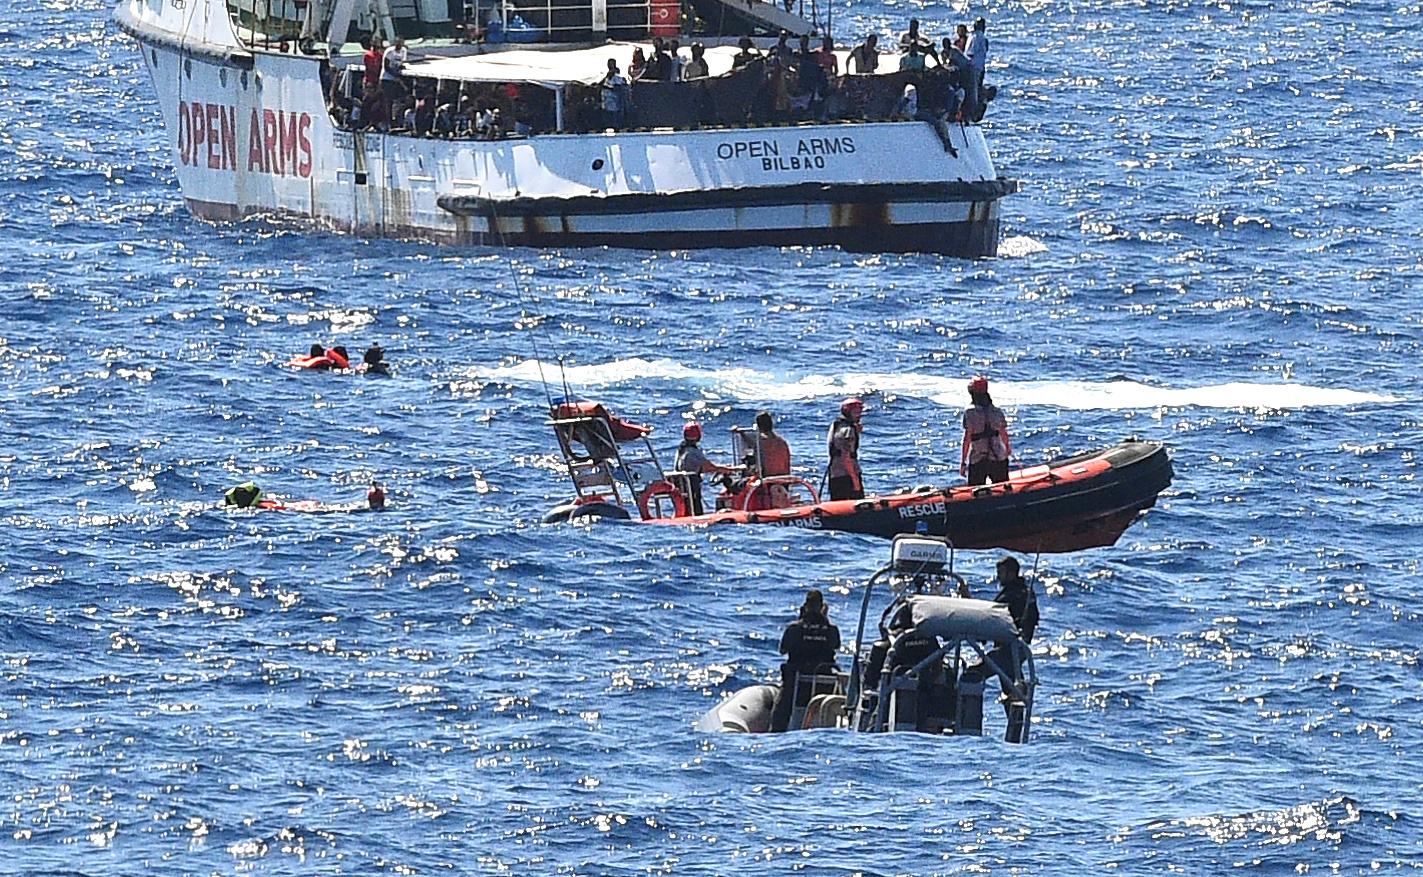 Muchos de los que saltaron estuvieron a punto de ahogarse y debieron ser rescatados (REUTERS/Guglielmo Mangiapane)